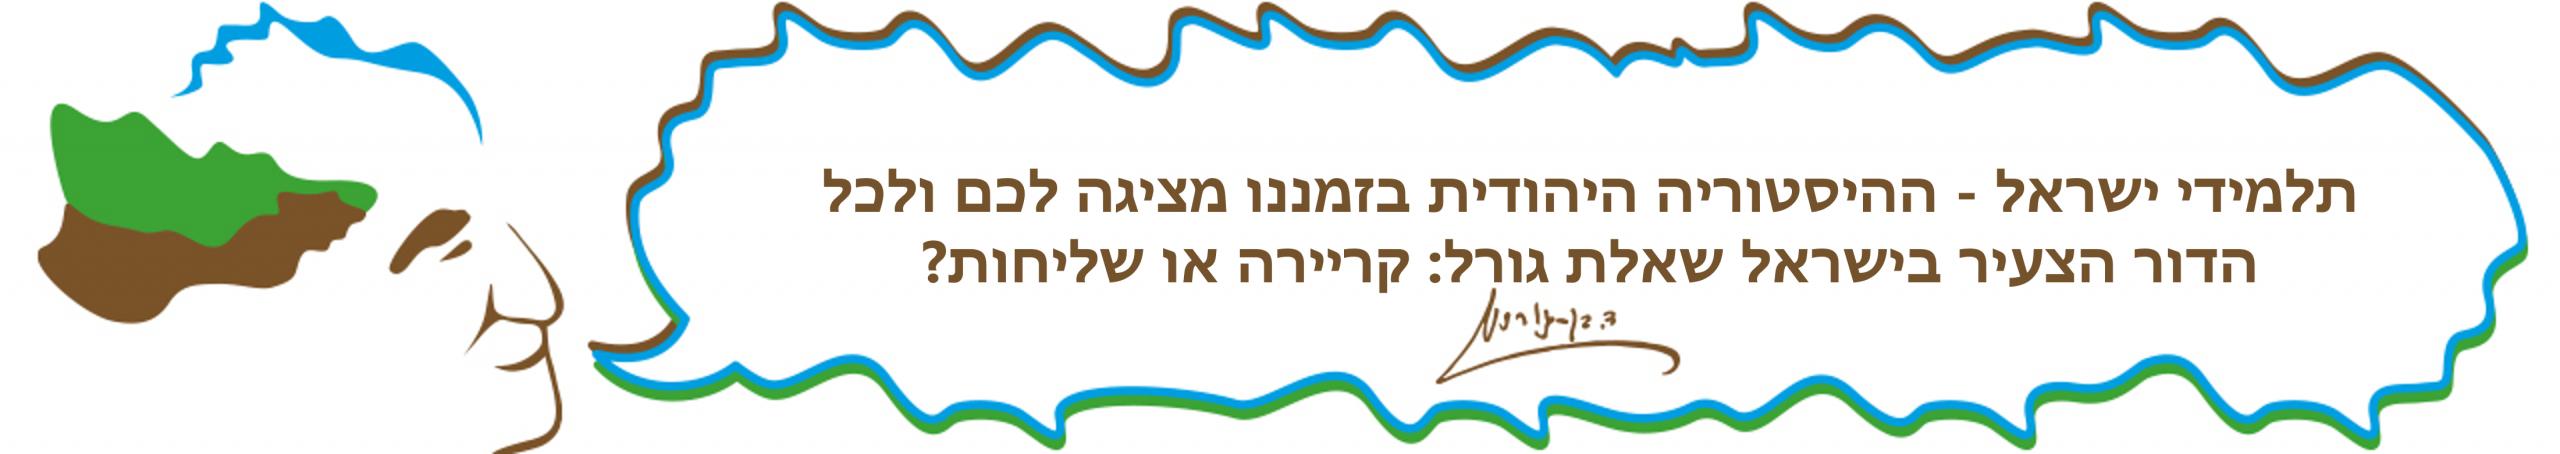 תלמידי ישראל - ההיסטוריה היהודית בזמננו מציגה לכם ולכל הדור הצעיר בישראל שאלת גורל קריירה או שליחות